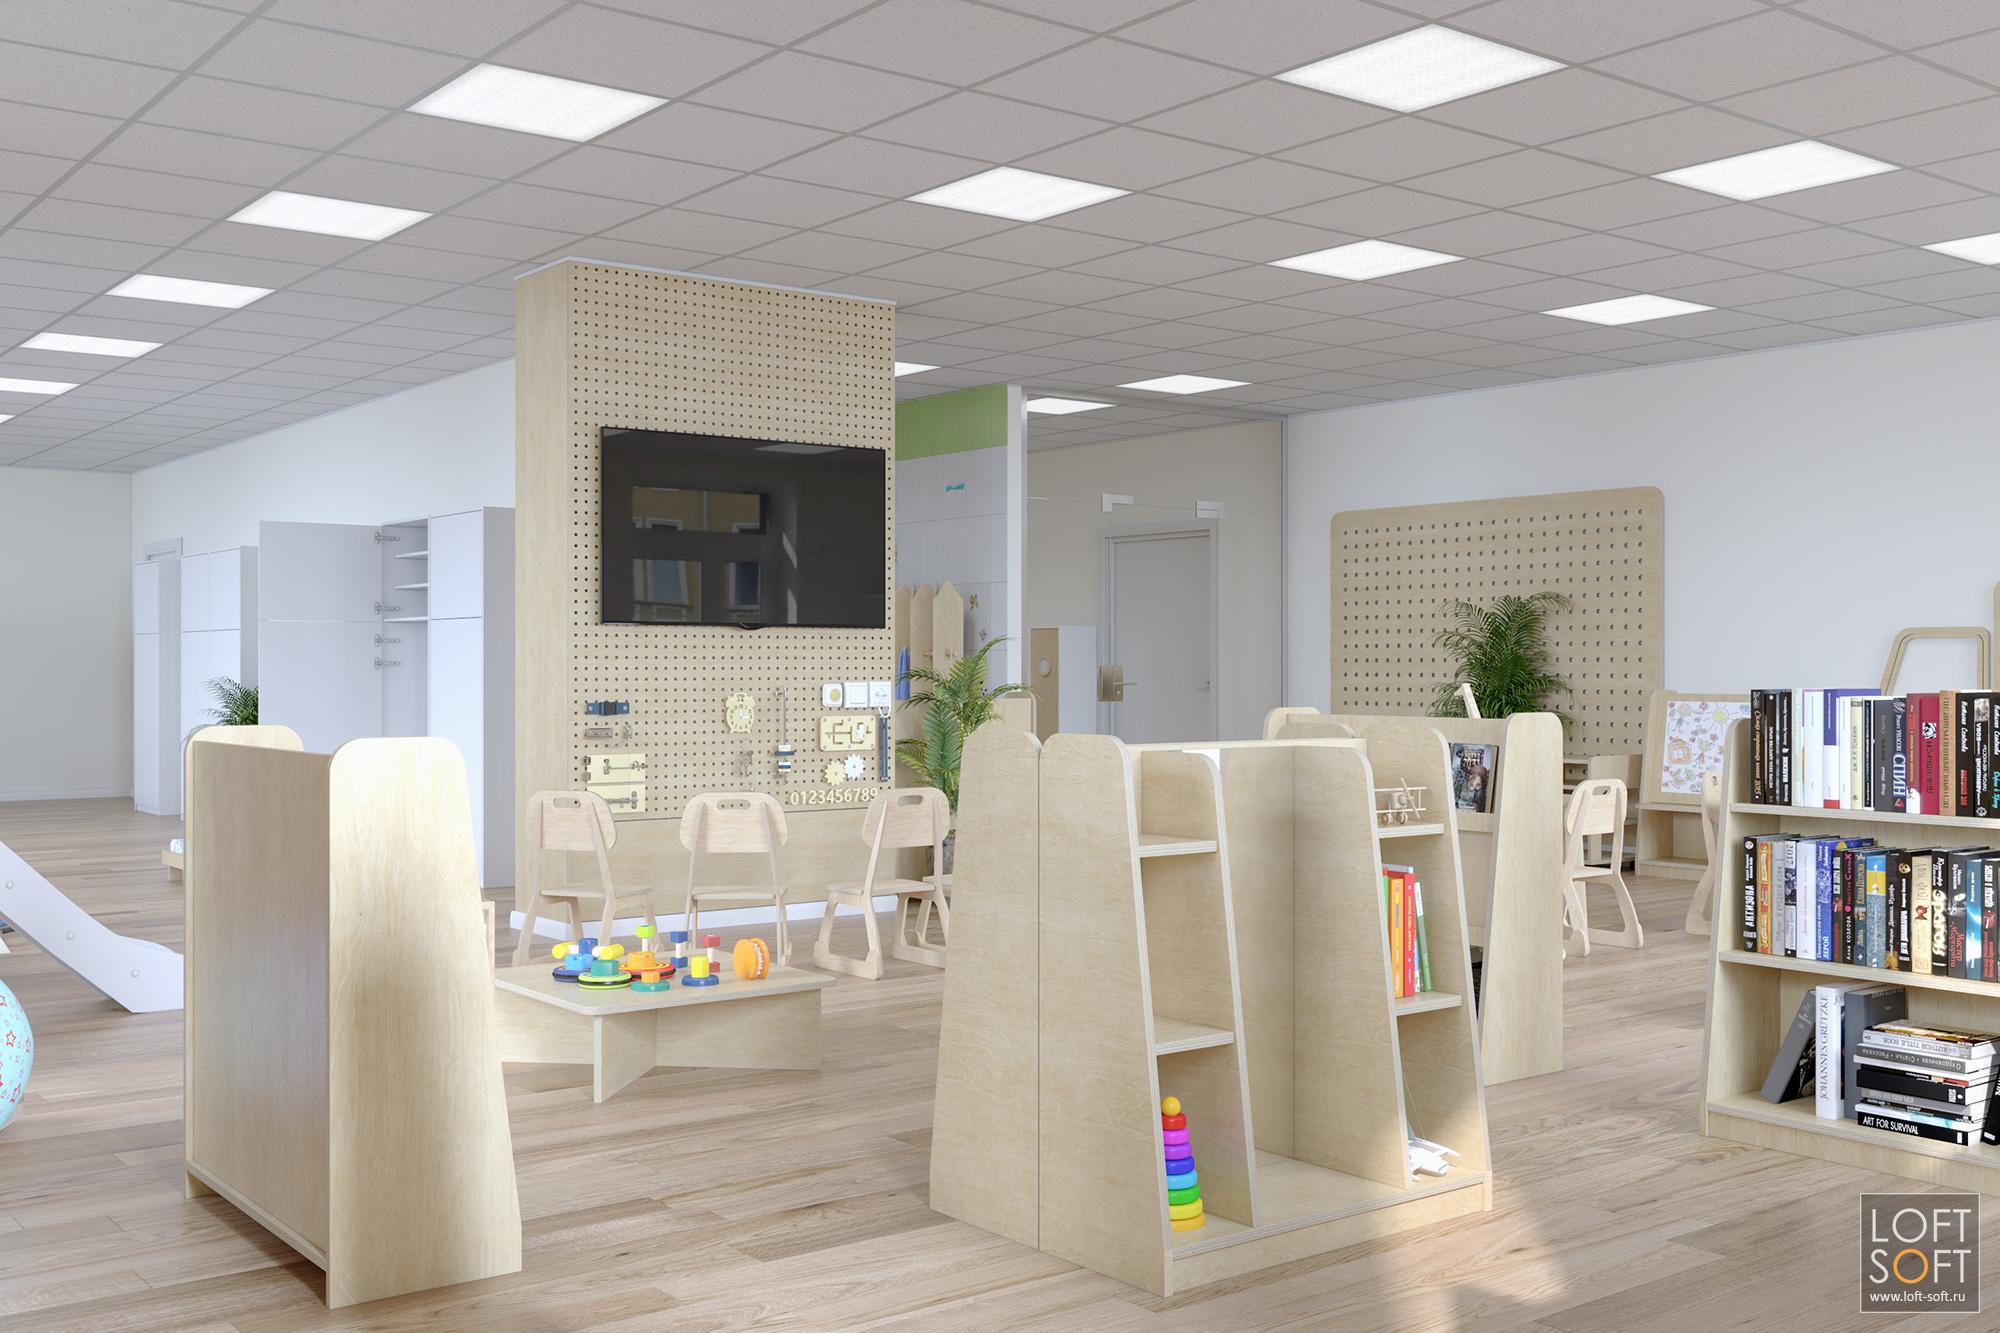 Мебель из фанеры, дизайн иразработка мебели для детского пространства